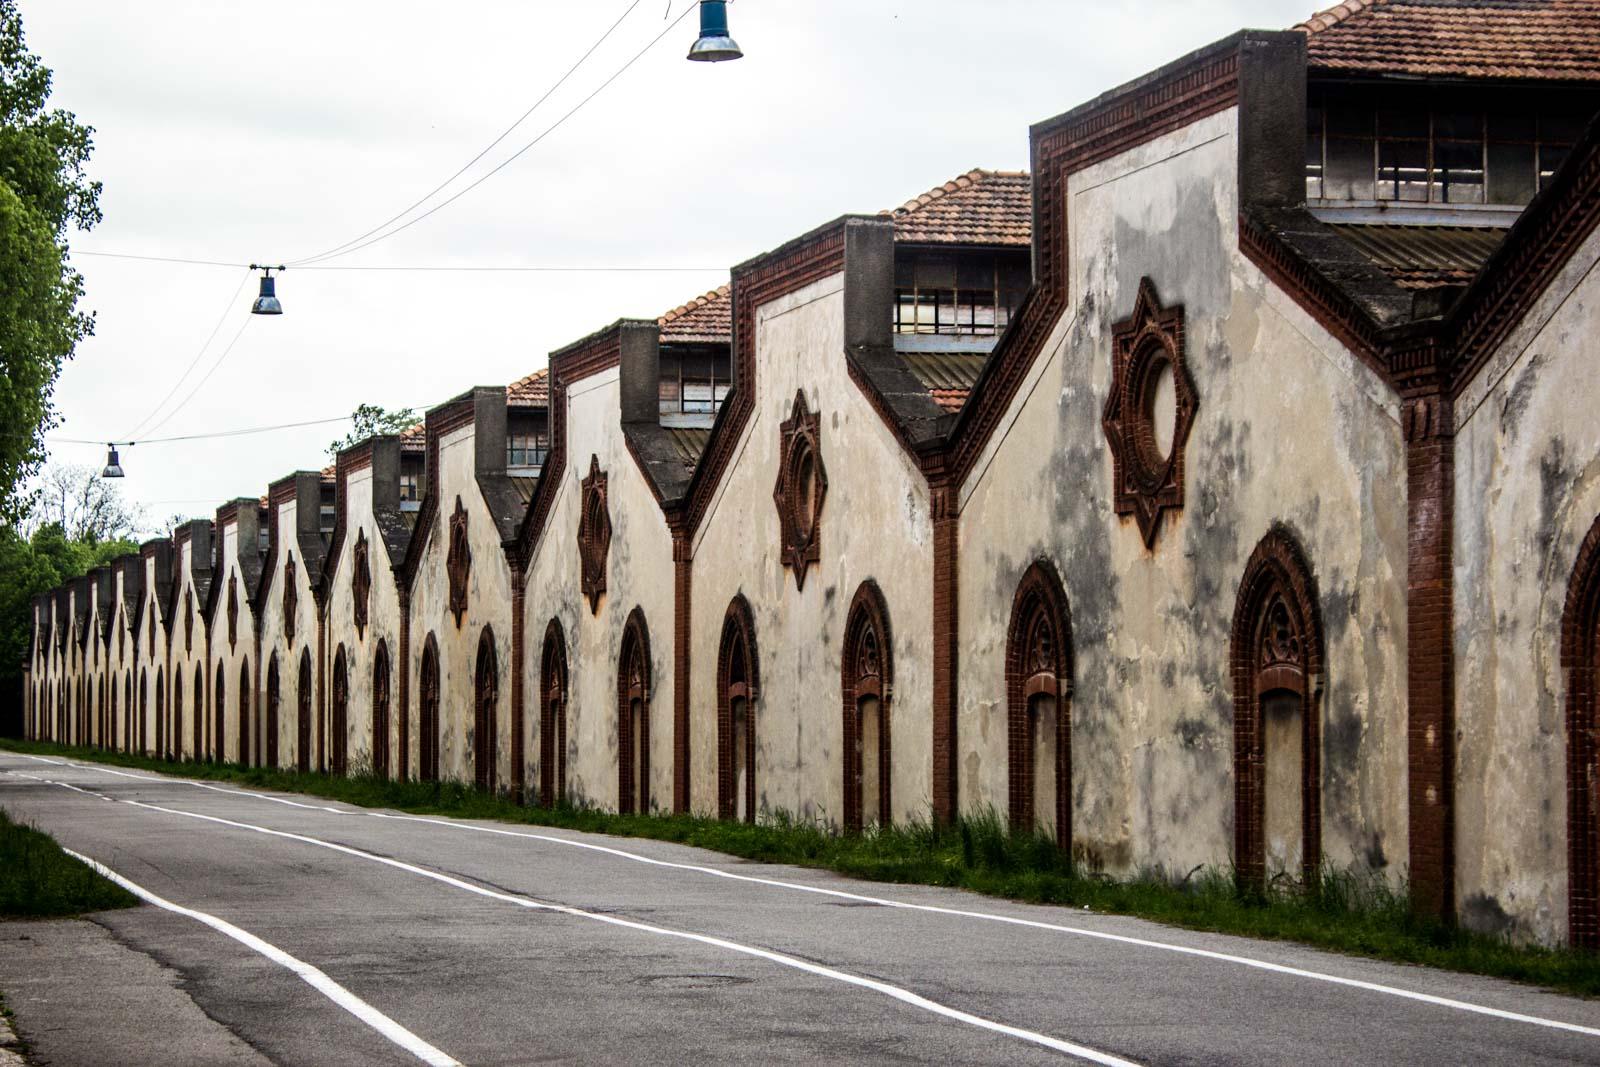 Crespi d'Adda near Milan, Italy